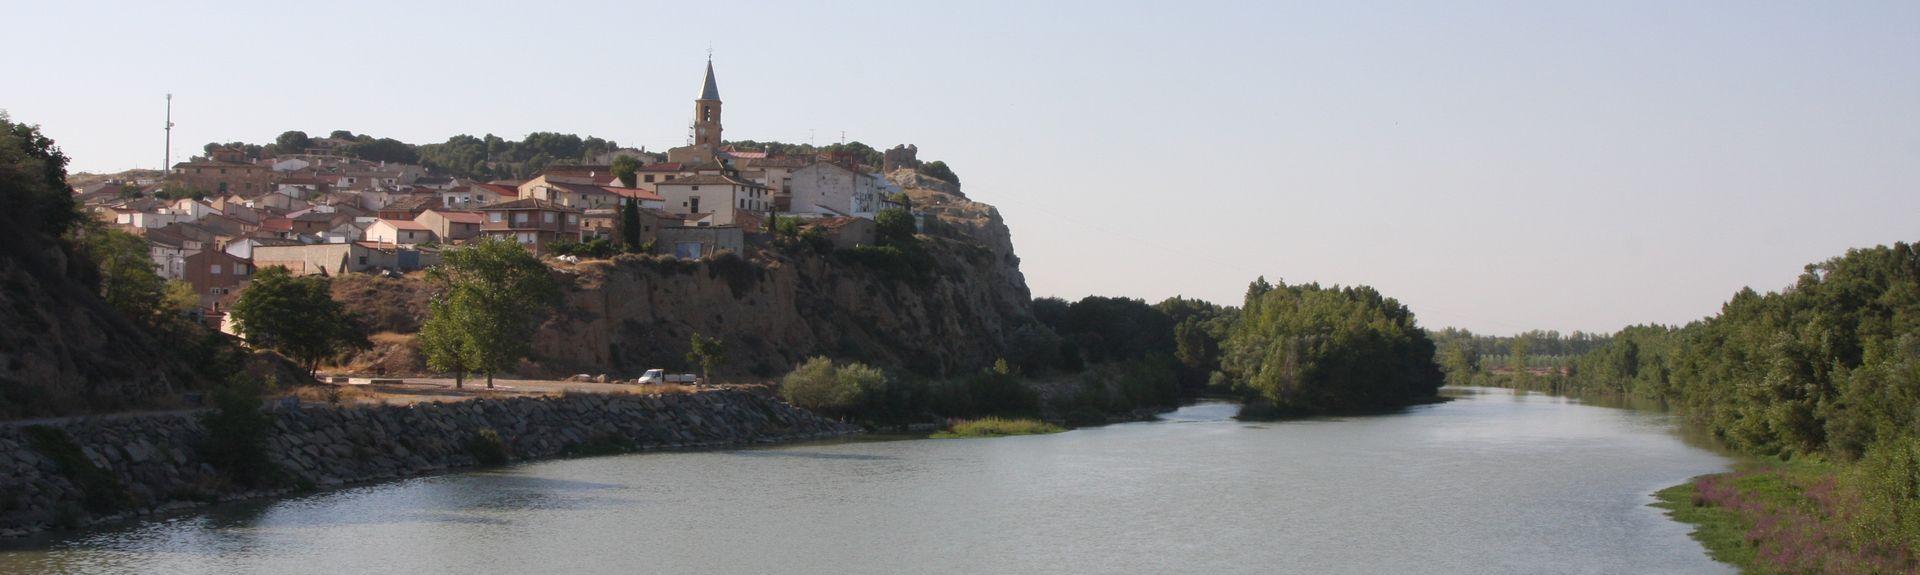 Falces, Navarra, Spanien